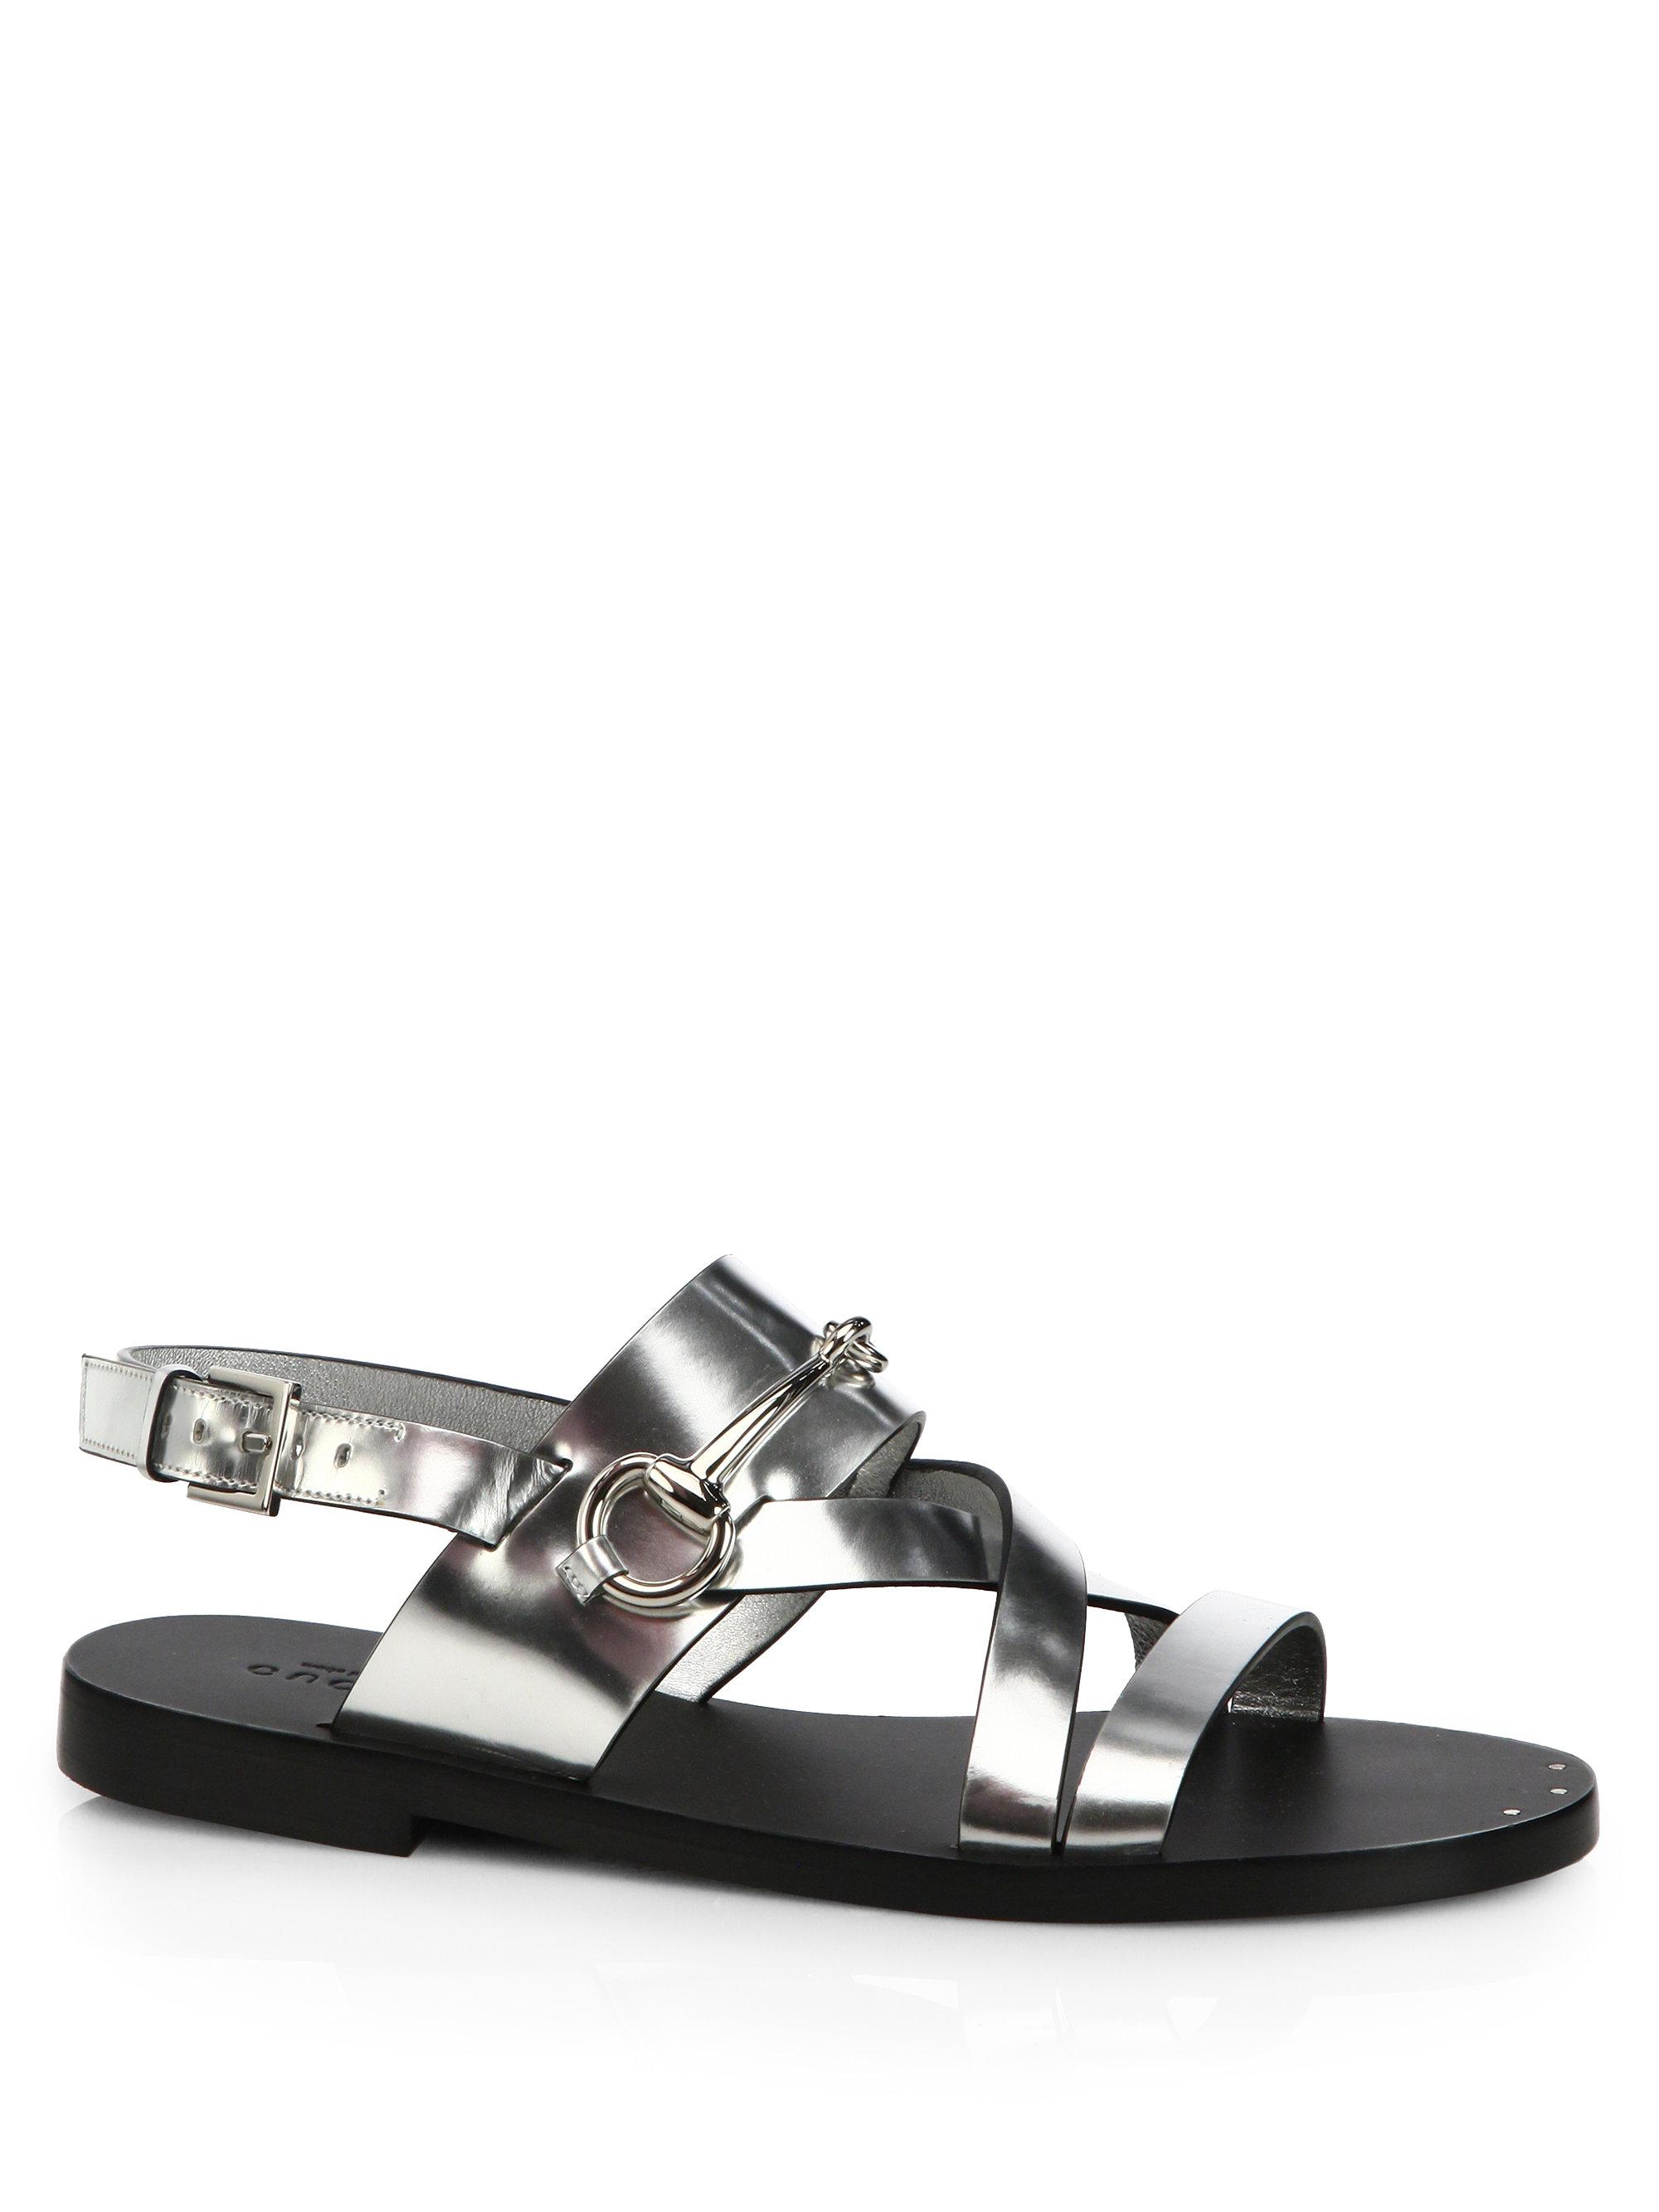 67b4f92d8a32 Lyst - Gucci Juliette Strappy Flat Sandals in Metallic